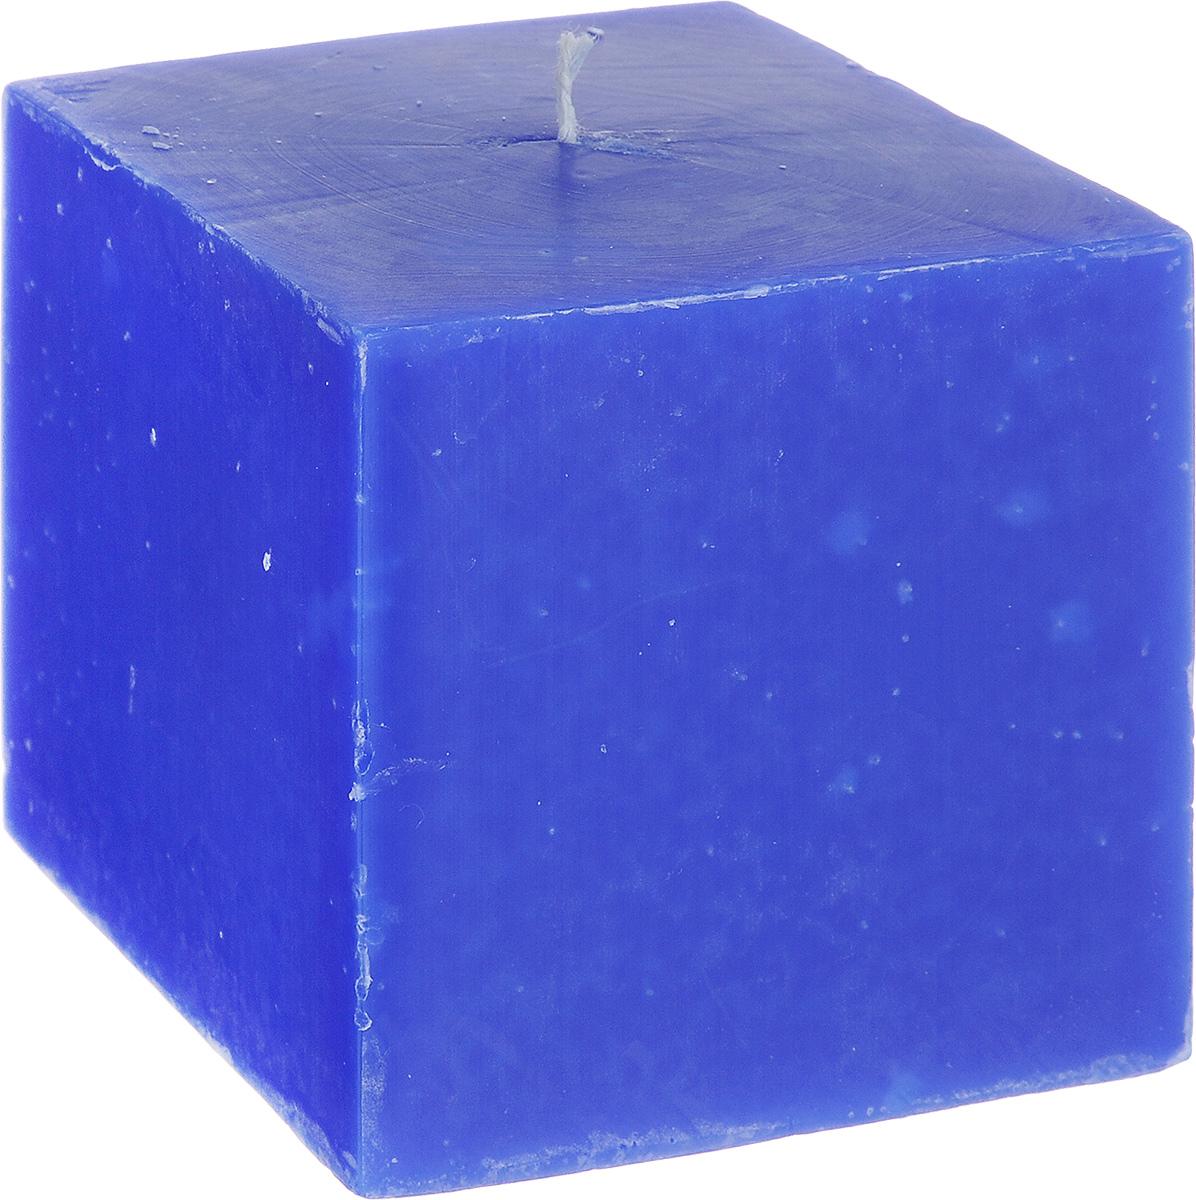 Свеча декоративная Proffi Home Квадрат, цвет: синий, 9,5 х 9,5 х 9,5 смRG-D31SСвеча Proffi Home Квадрат выполнена из парафина и стеарина в классическом стиле. Изделие порадует вас ярким дизайном. Такую свечу можно поставить в любое место, и она станет ярким украшением интерьера. Свеча Proffi Home Квадрат создаст незабываемую атмосферу, будь то торжество, романтический вечер или будничный день.